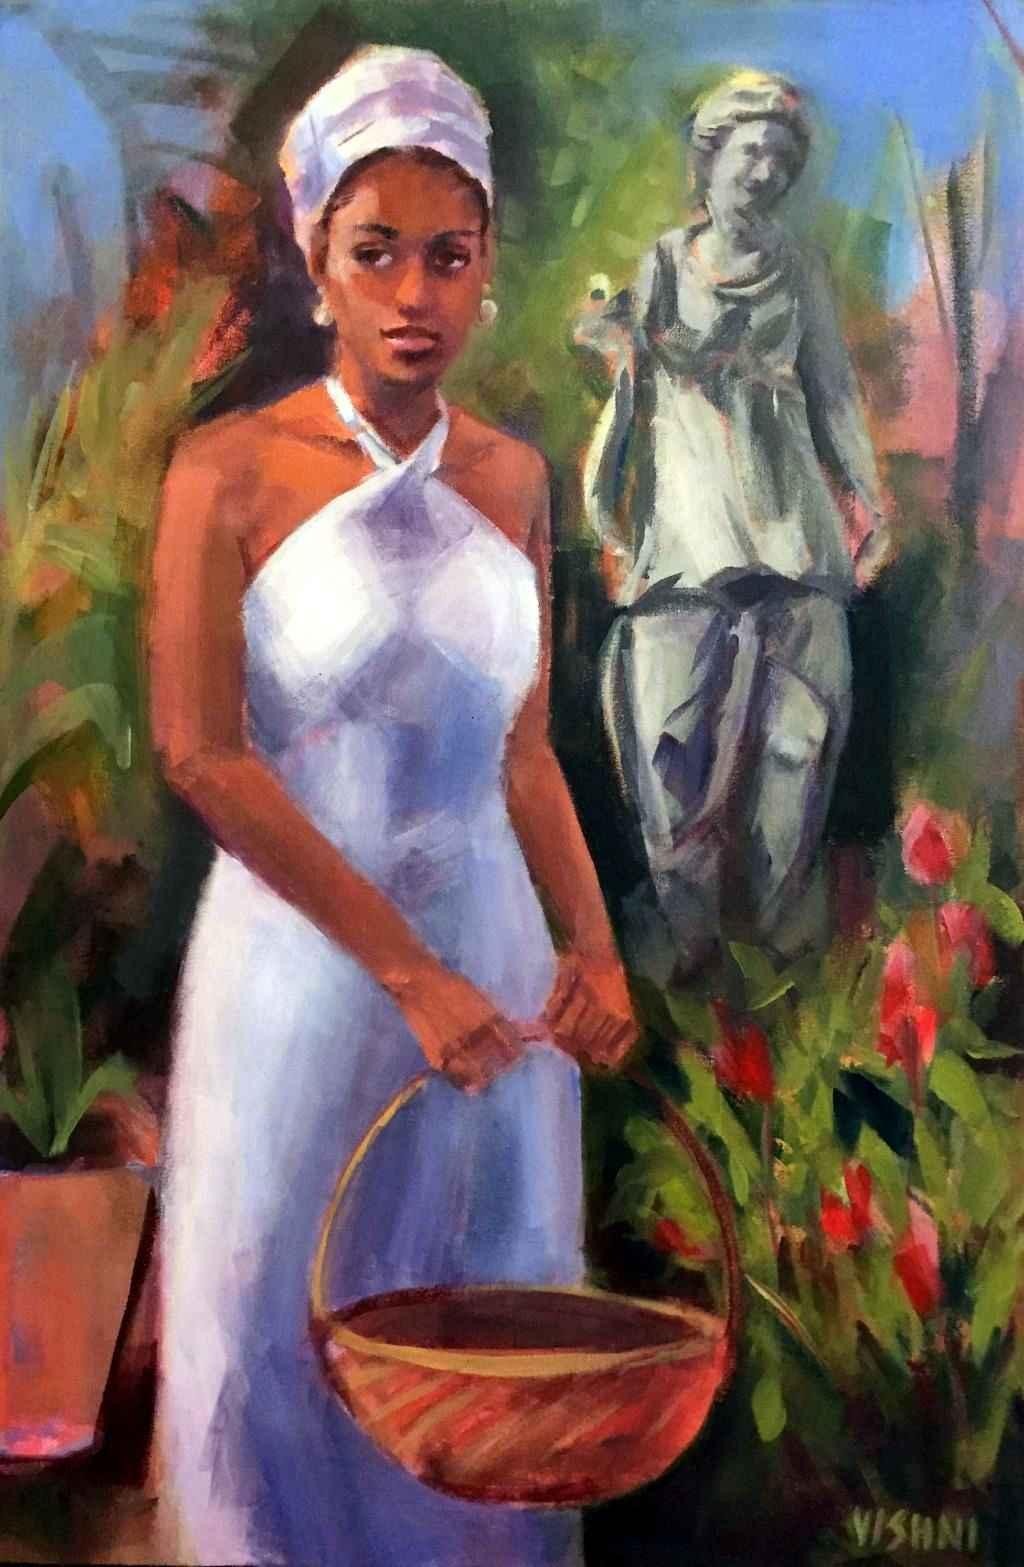 Garden Party by Mrs. Vishni Gopwani - Masterpiece Online